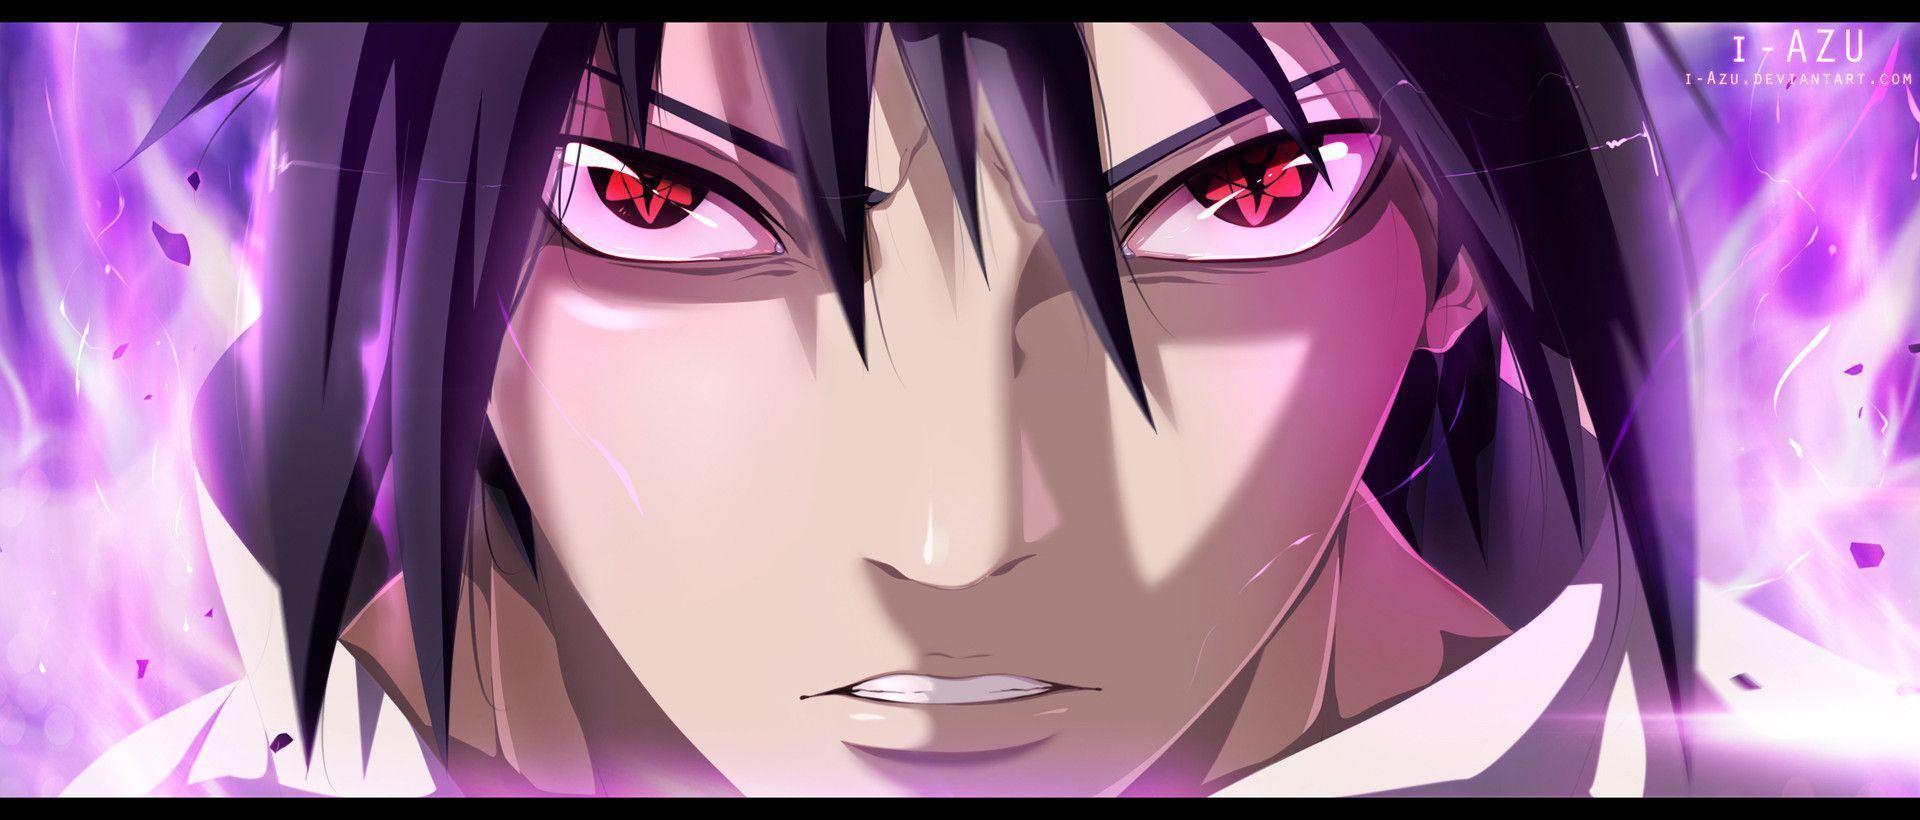 sasuke s sharingan wallpaper - photo #12